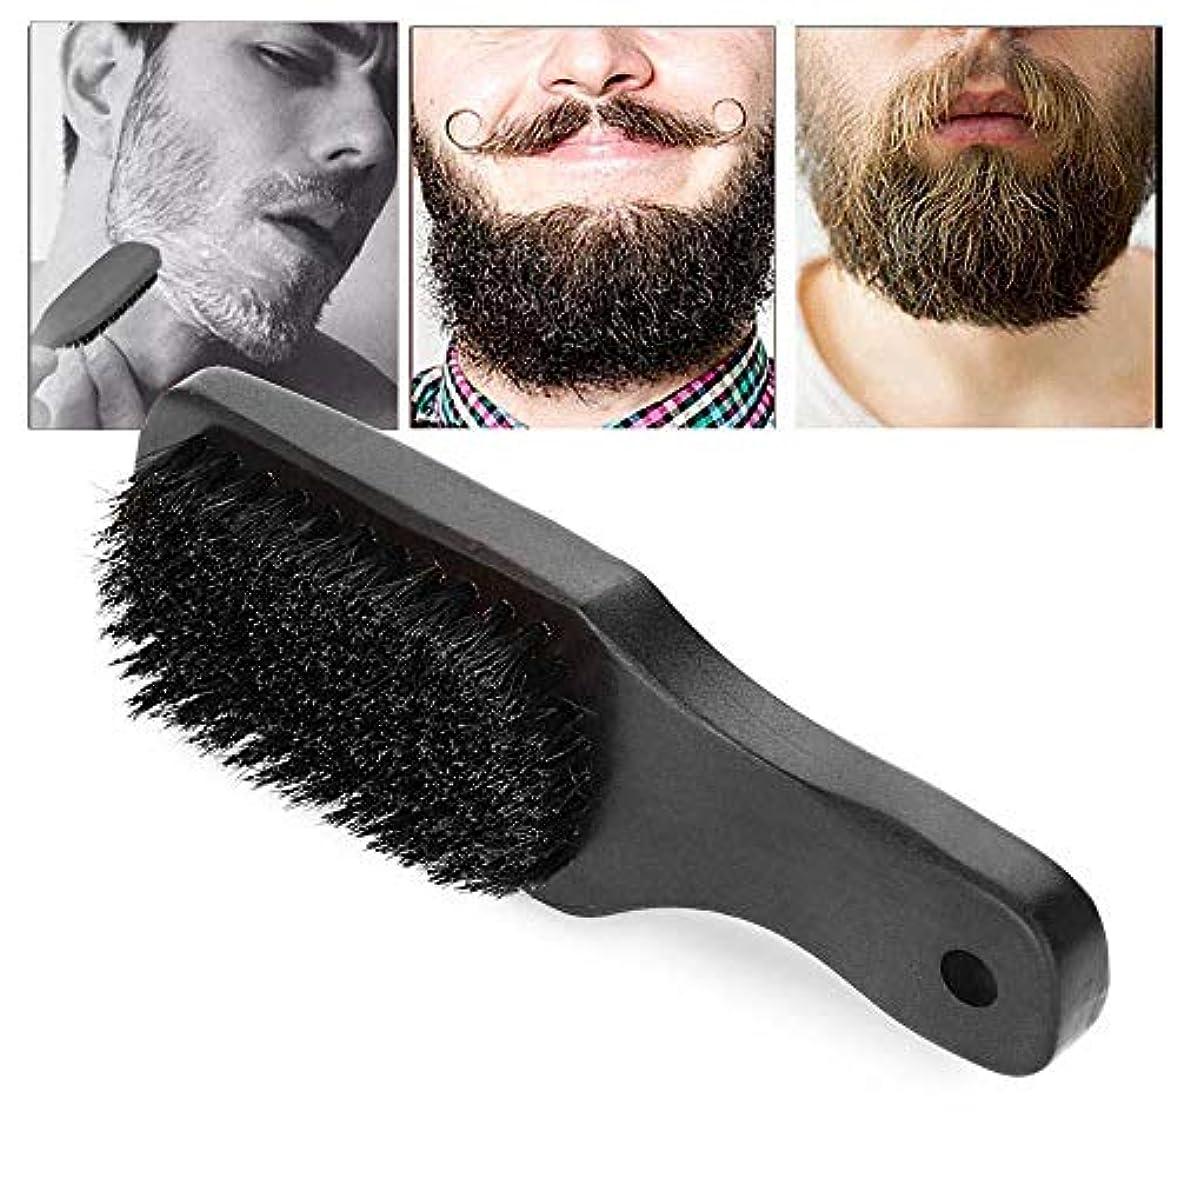 納屋批評人口ポマードの毛の櫛、ひげのための剃るブラシの毛の手入れをするポマードの毛の櫛の人のひげを生やしたひげのクリーニングブラシの毛